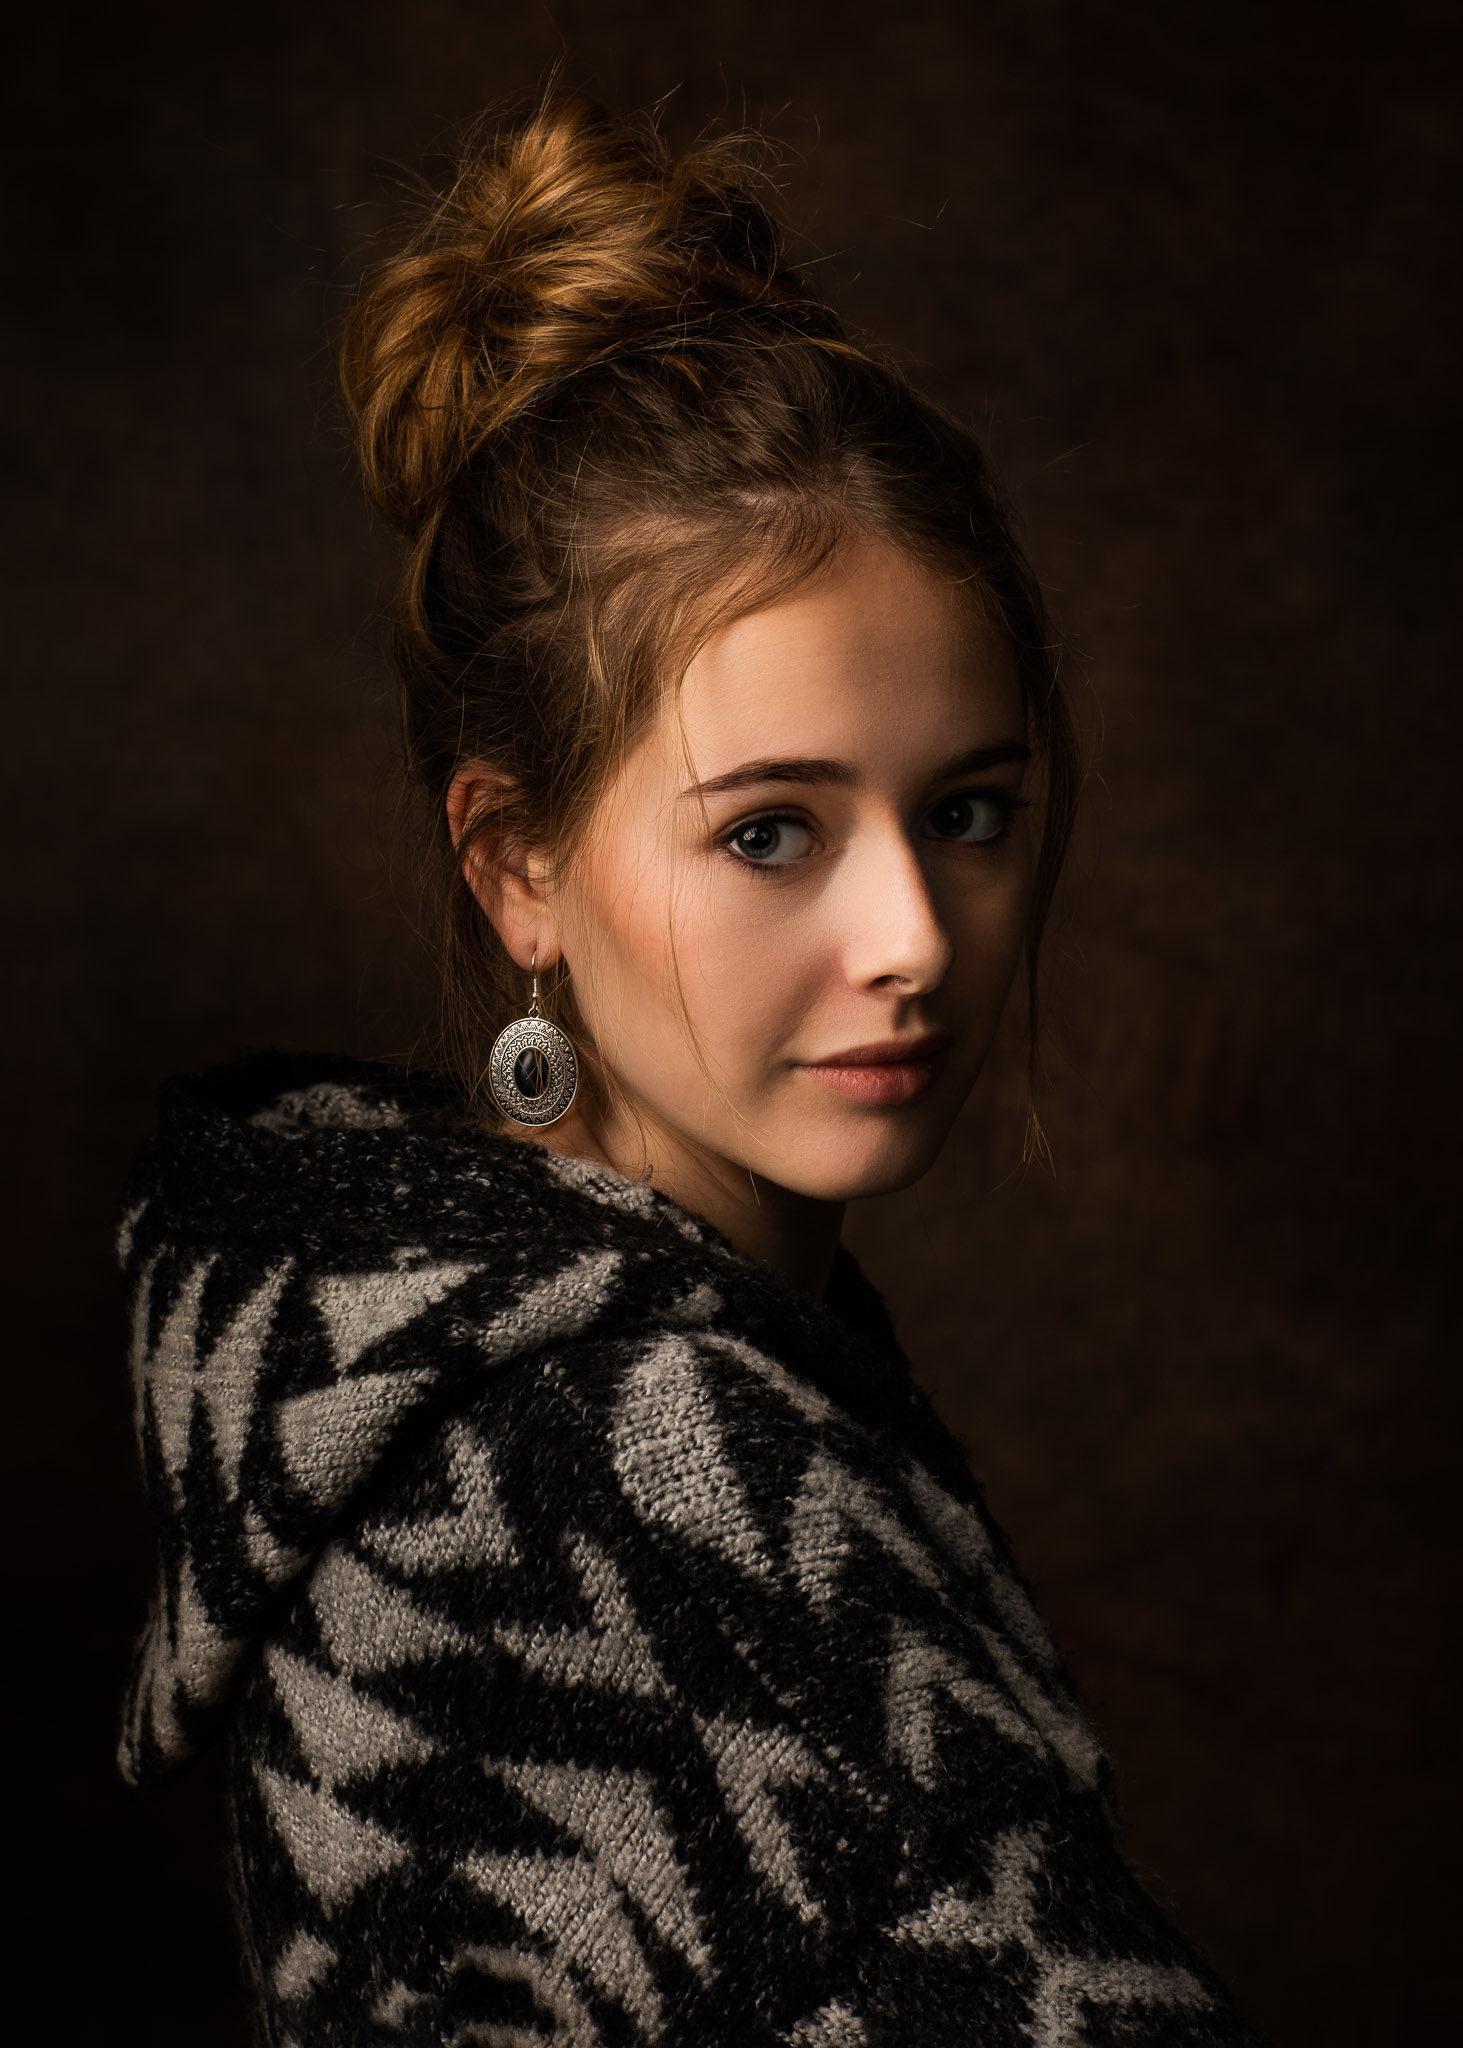 Portfolio, Portrait einer jungen Frau, im Studio, Farbe Portraits Ernst Merkhofer , Fotograf, Portraitfotograf,Frau blickt in Kamera, Frauenportrait, Portrait, Portraits, junge Frau, Gesicht, über die Schulter blickend, Rembrand Stil , Erinnerung an Vermeer,